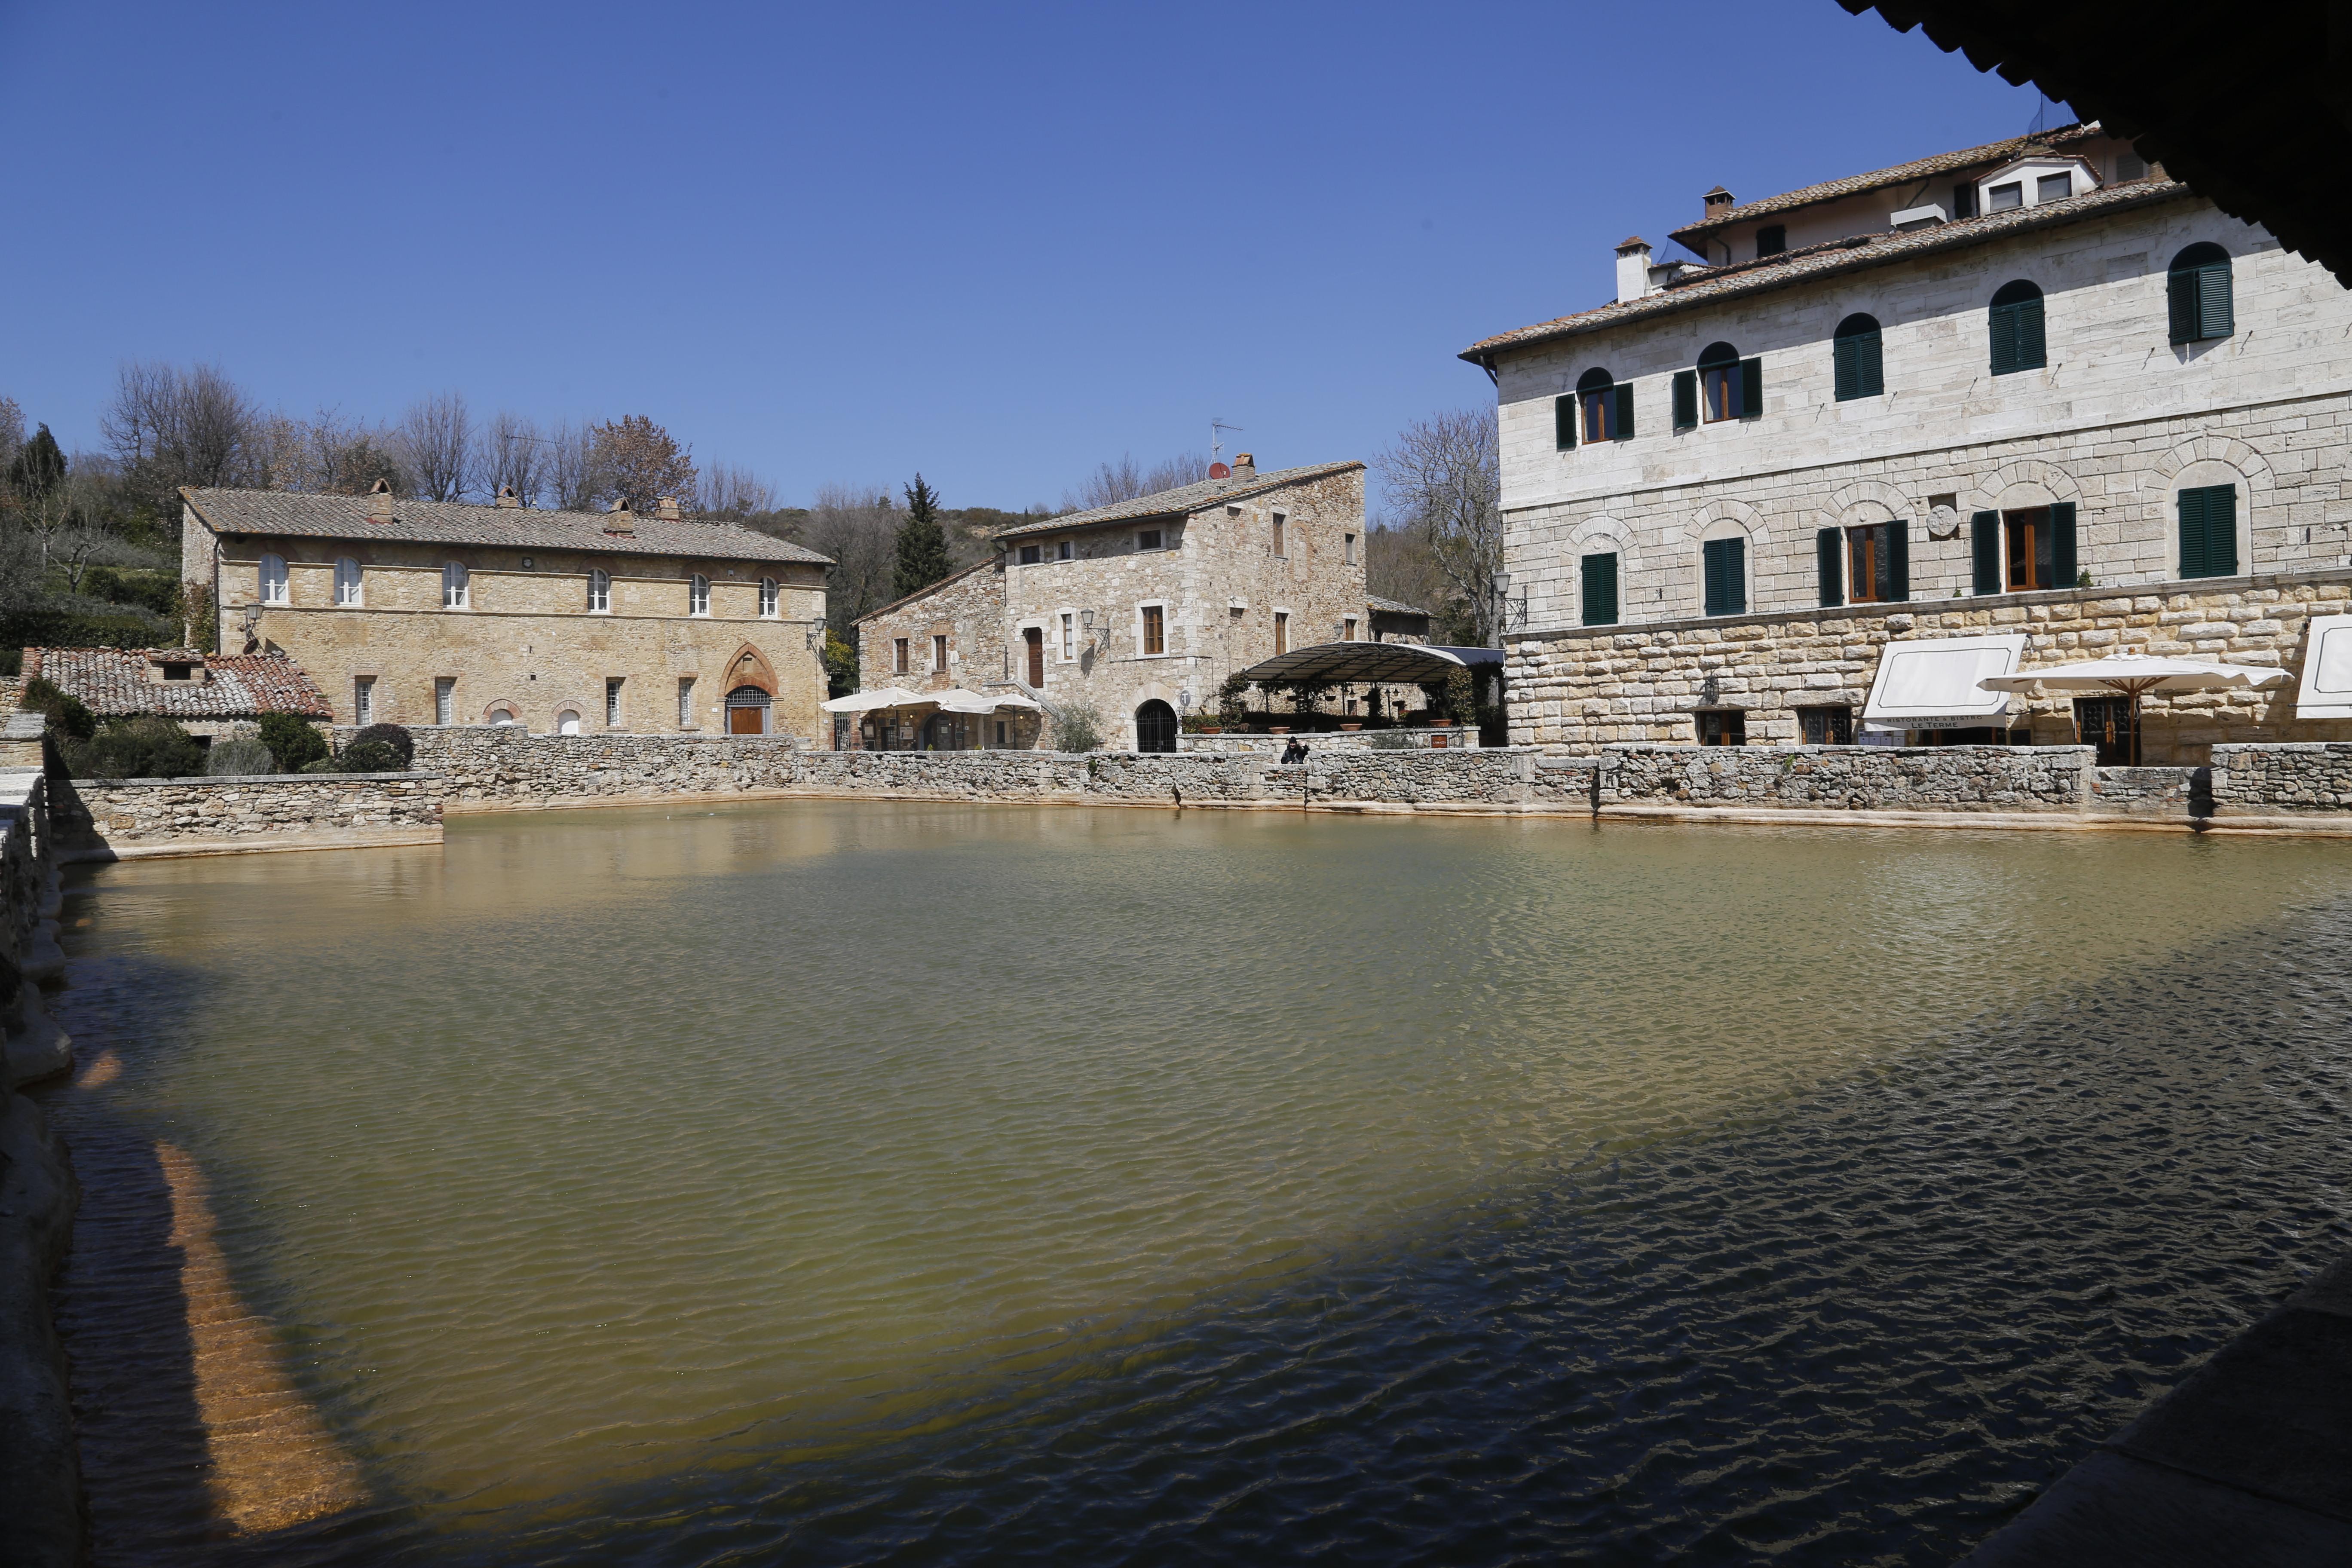 Ristorante bagno vignoni bagno vignoni e la rocca di vignoni ristoranti bagno vignoni panorama - Osteria del leone bagno vignoni ...